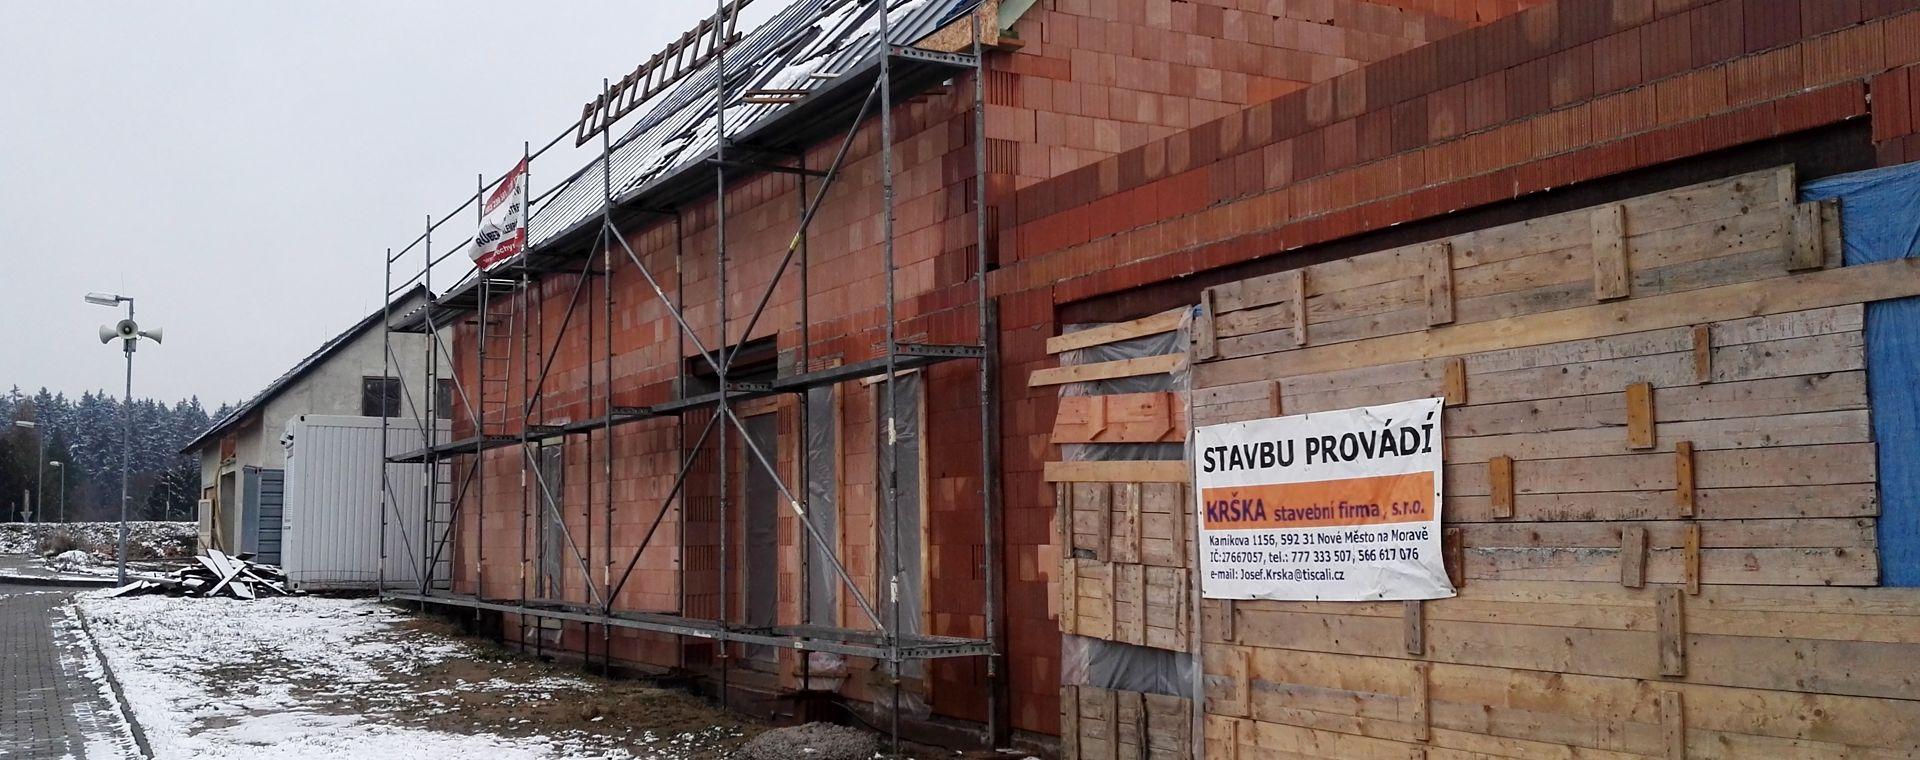 Realizace rodinného domu s právní kanceláří Hamry nad Sázavou, kraj Vysočina, 2013-2014, CZ